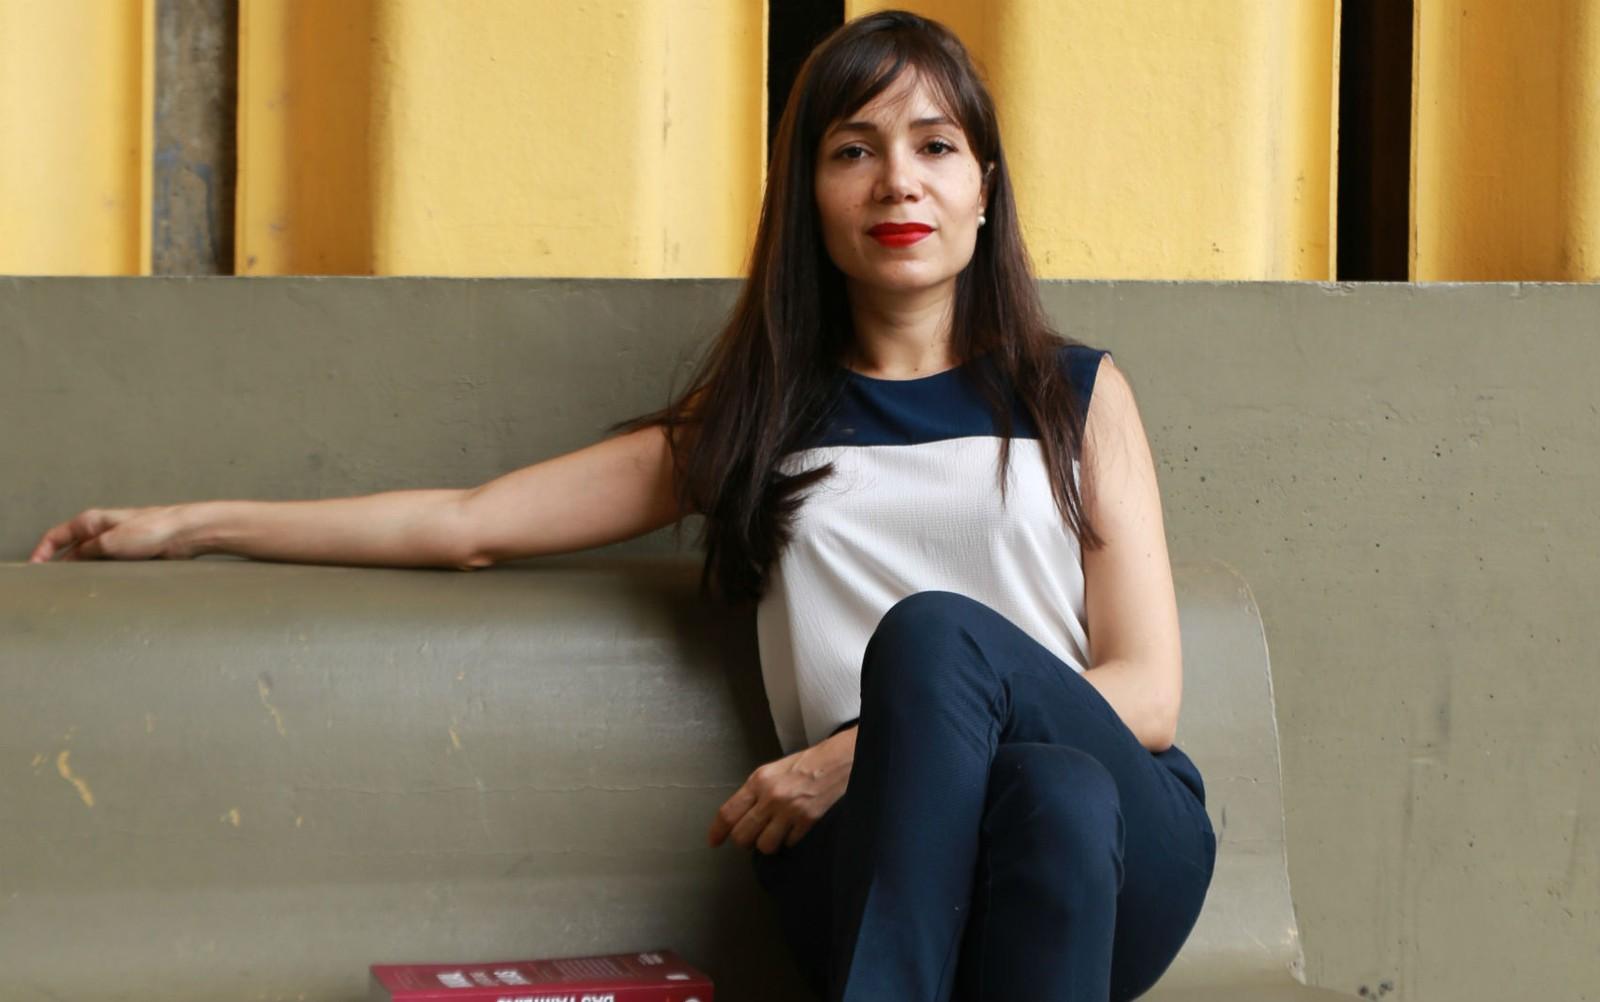 Mariana Regis, advogada feminista especializada em Direito das Famílias, fundadora da Rede Nacional das Advogadas Familistas Feministas e Mediadora de Conflitos. Atualmente Capacita Advogadas para a atuação profissional sensível à desigualdade de g